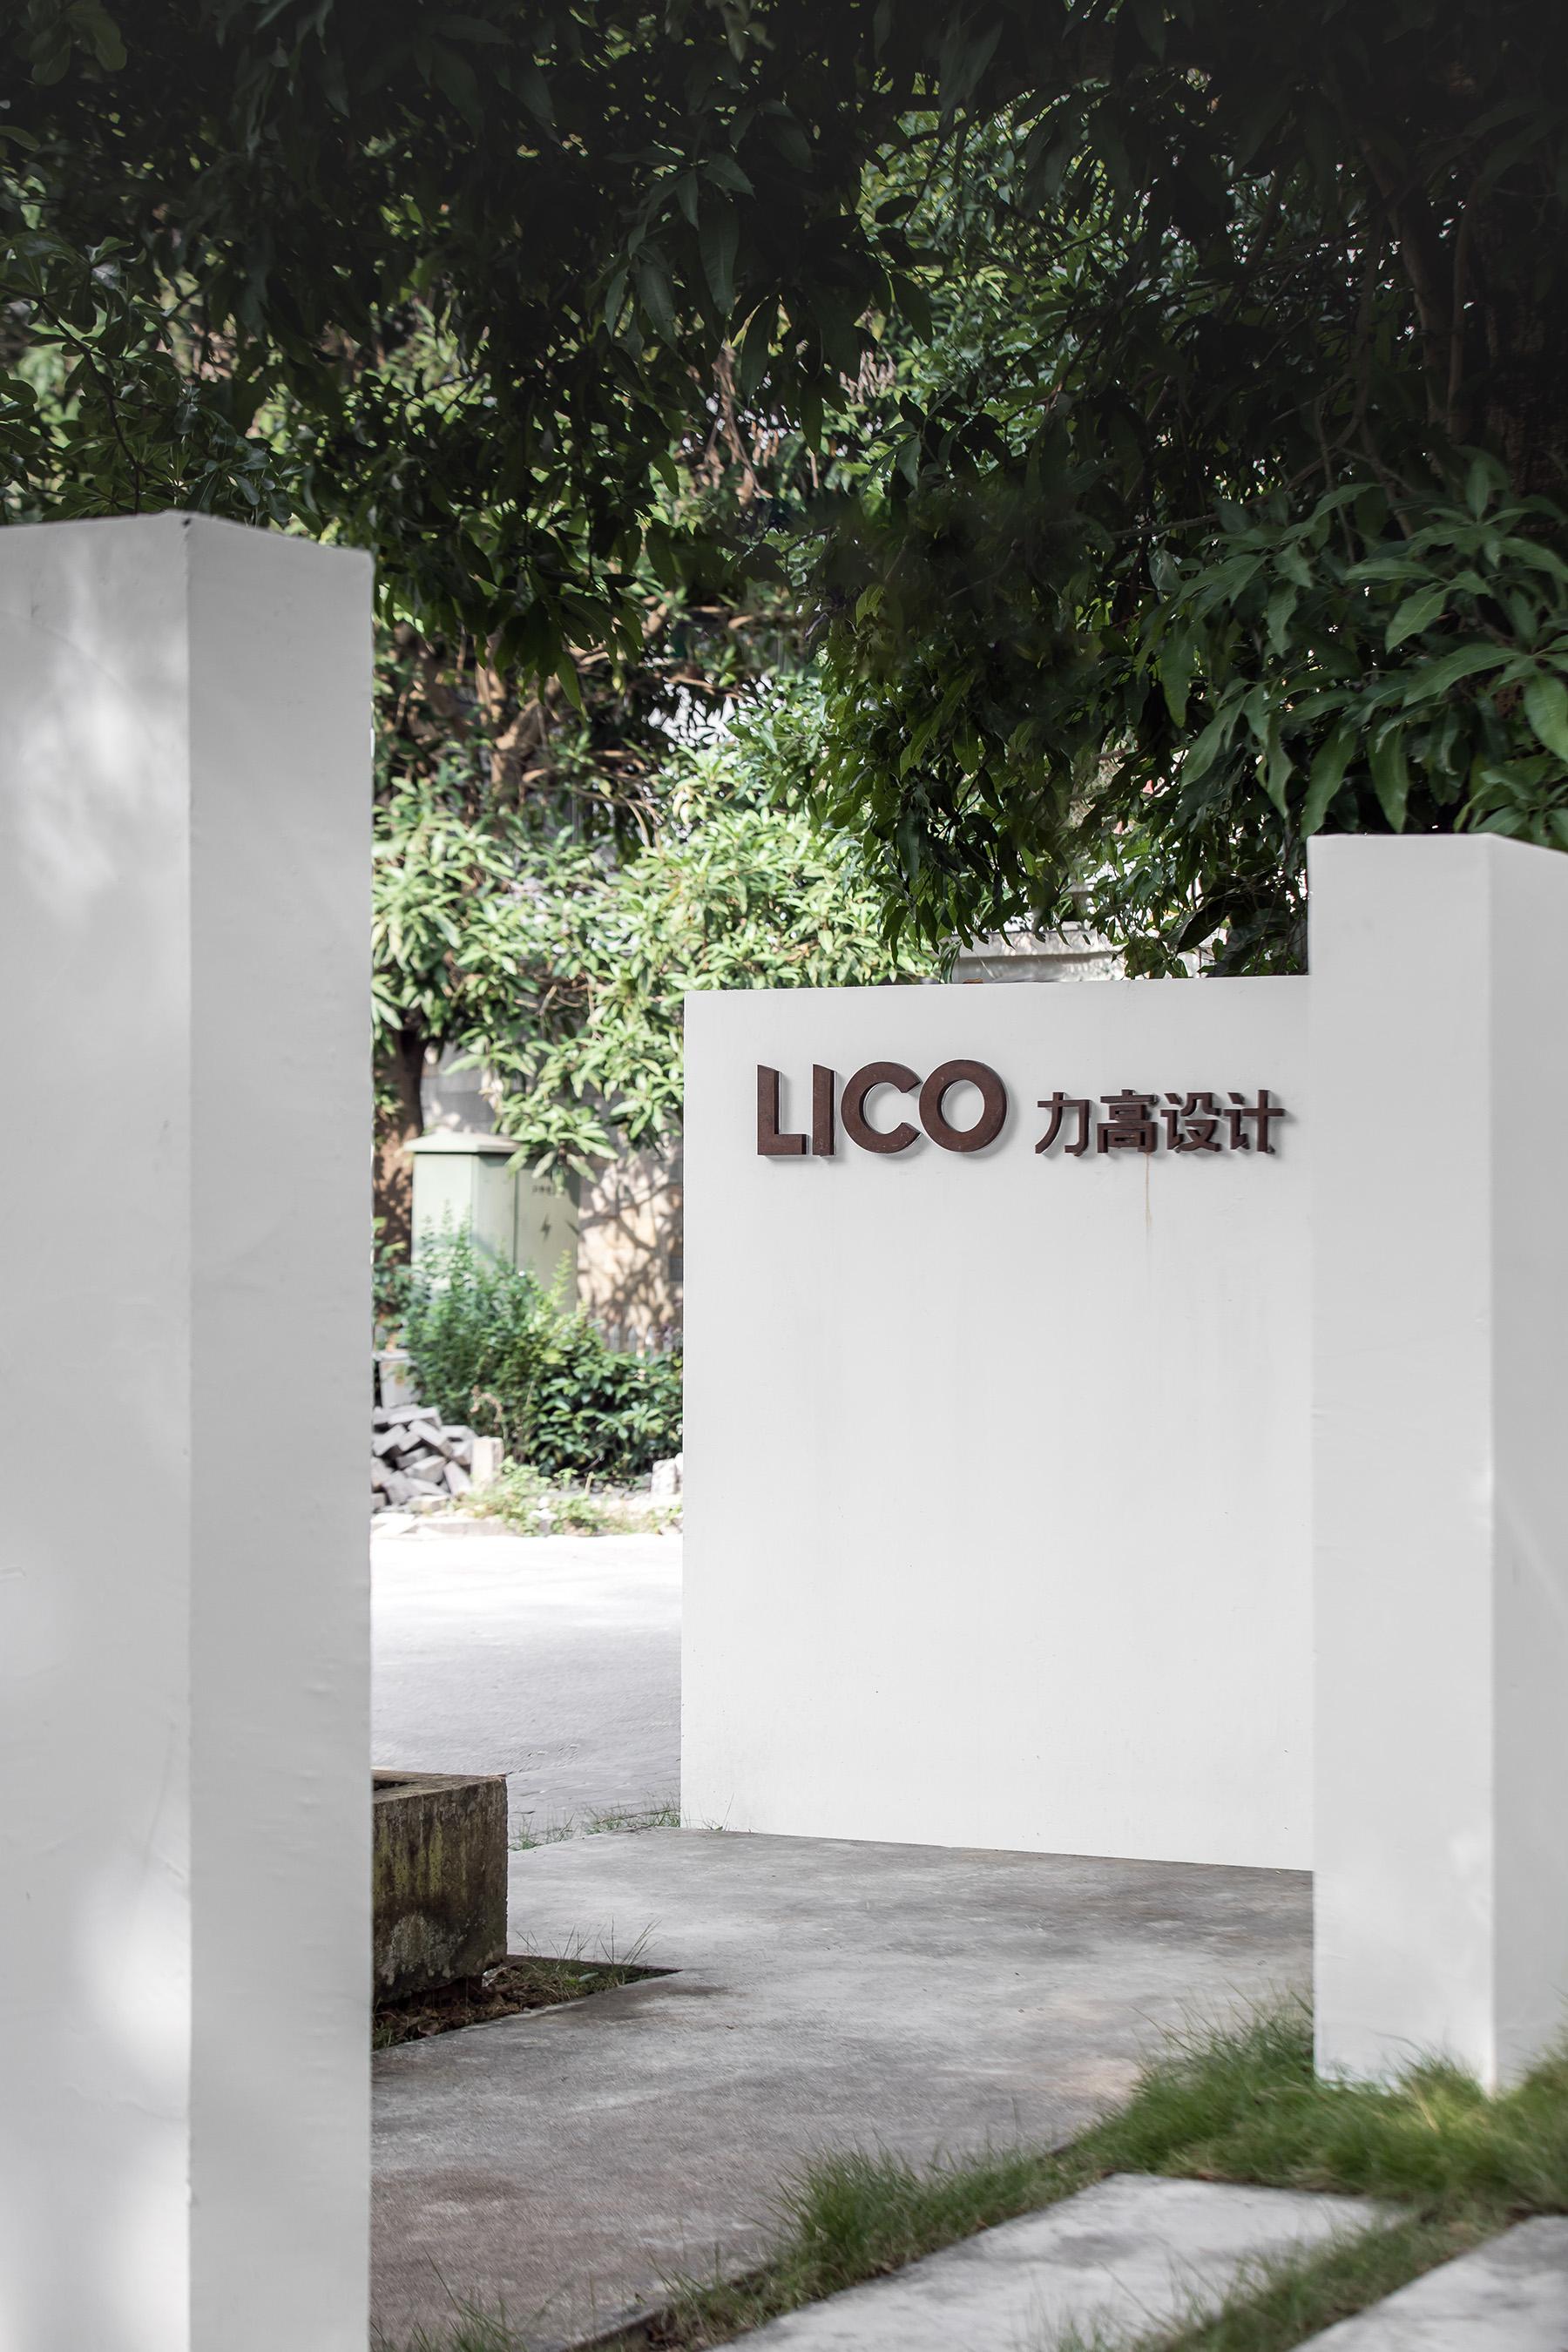 理想生活创行者之LICO力高办公室 I LICO WORK